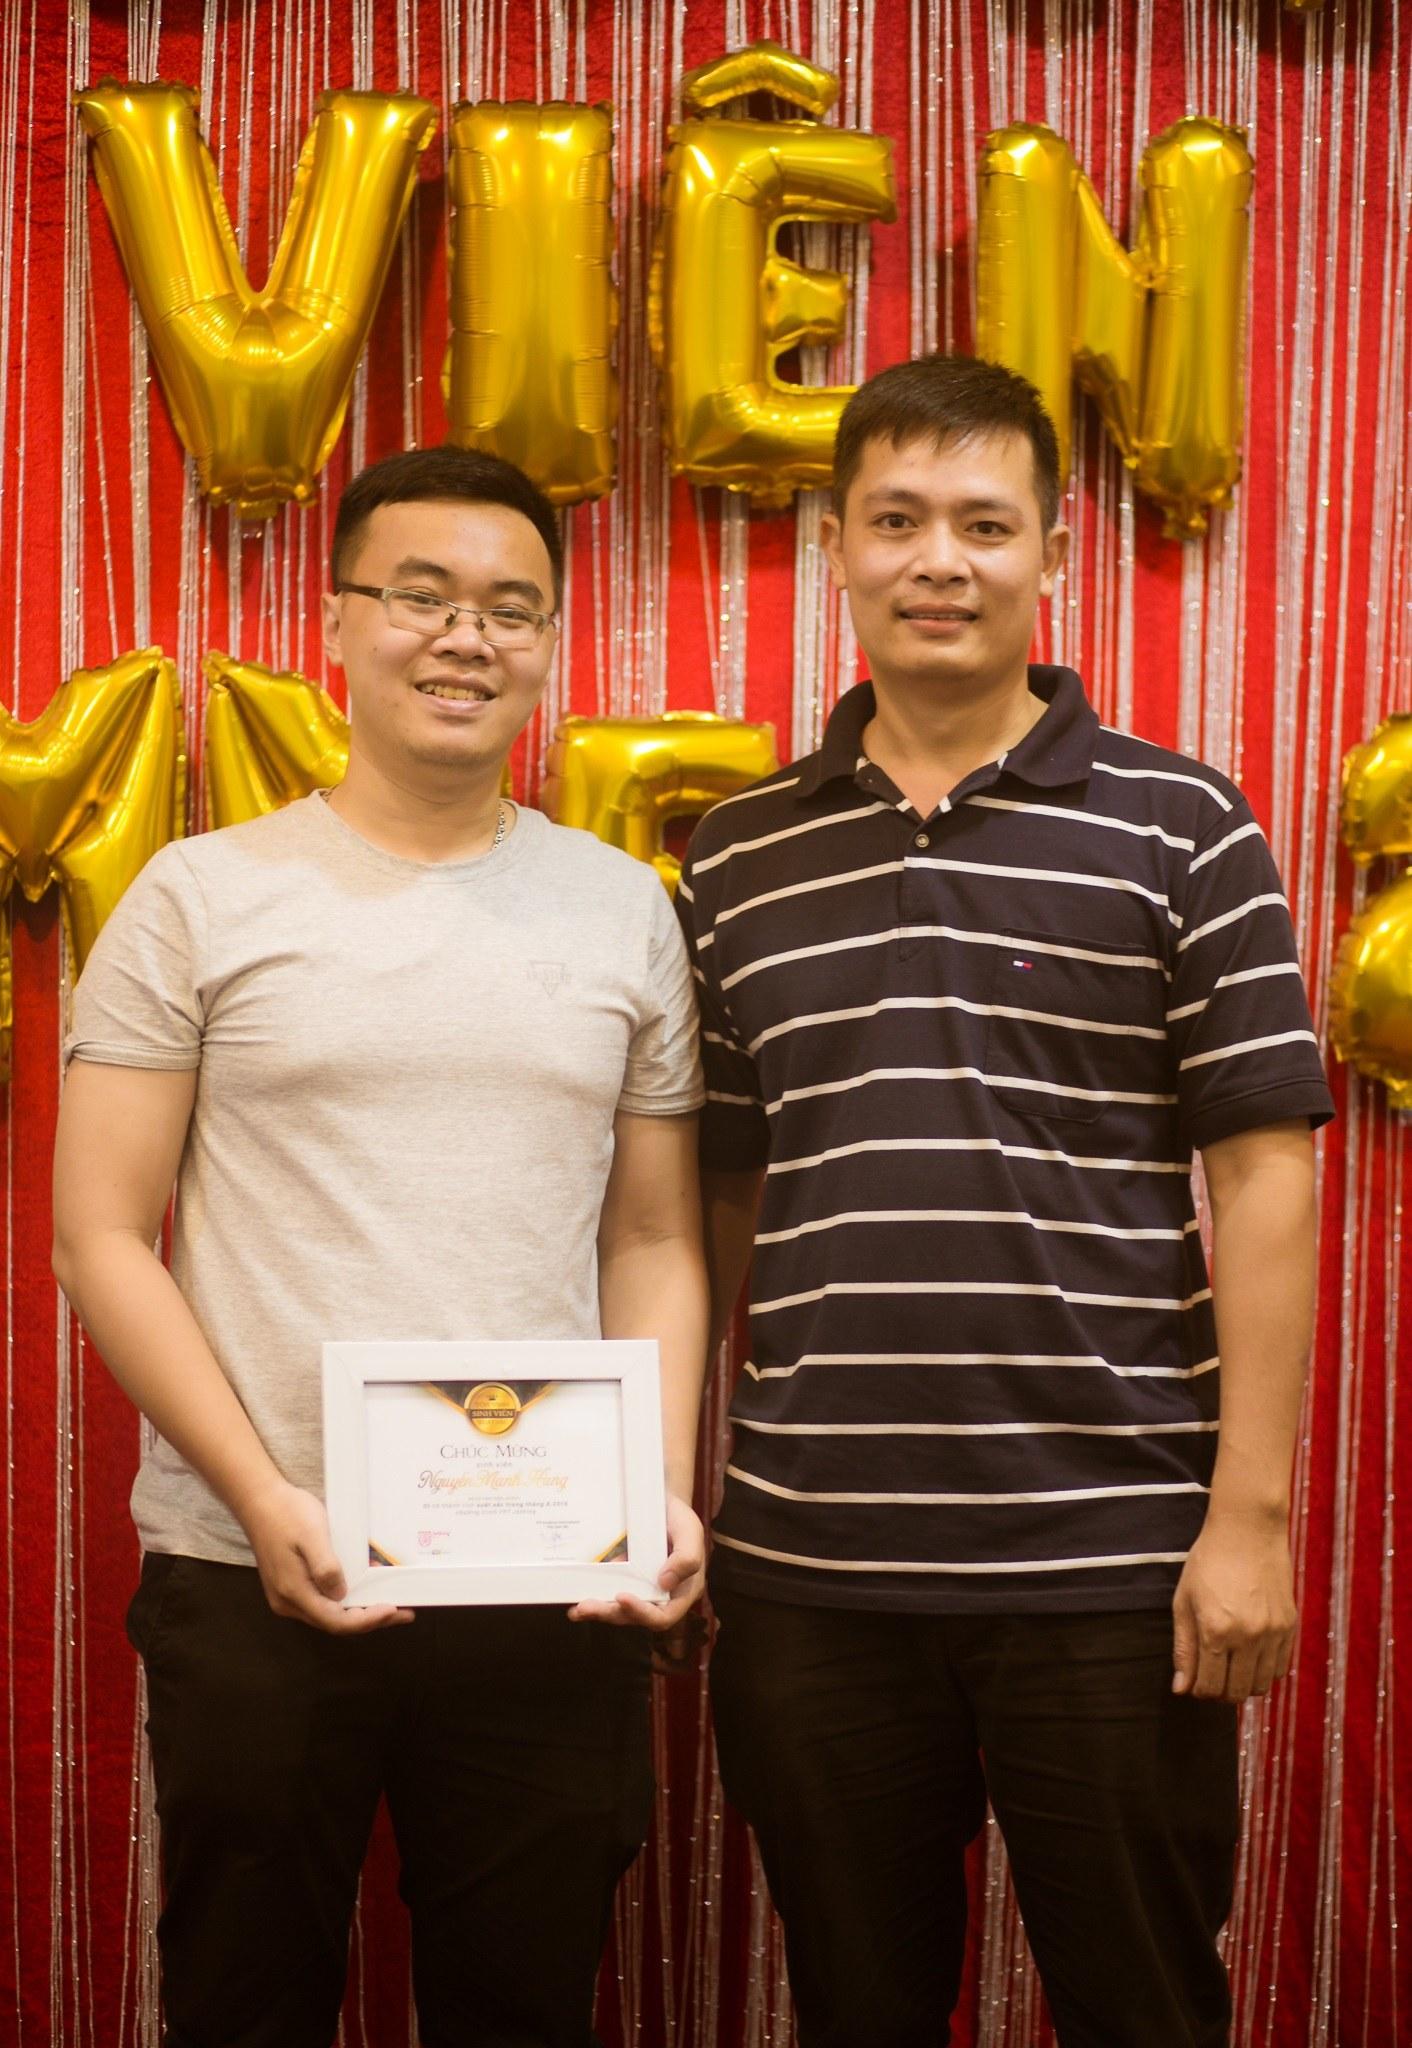 Khoảnh khắc với thầy giáo của sinh viên